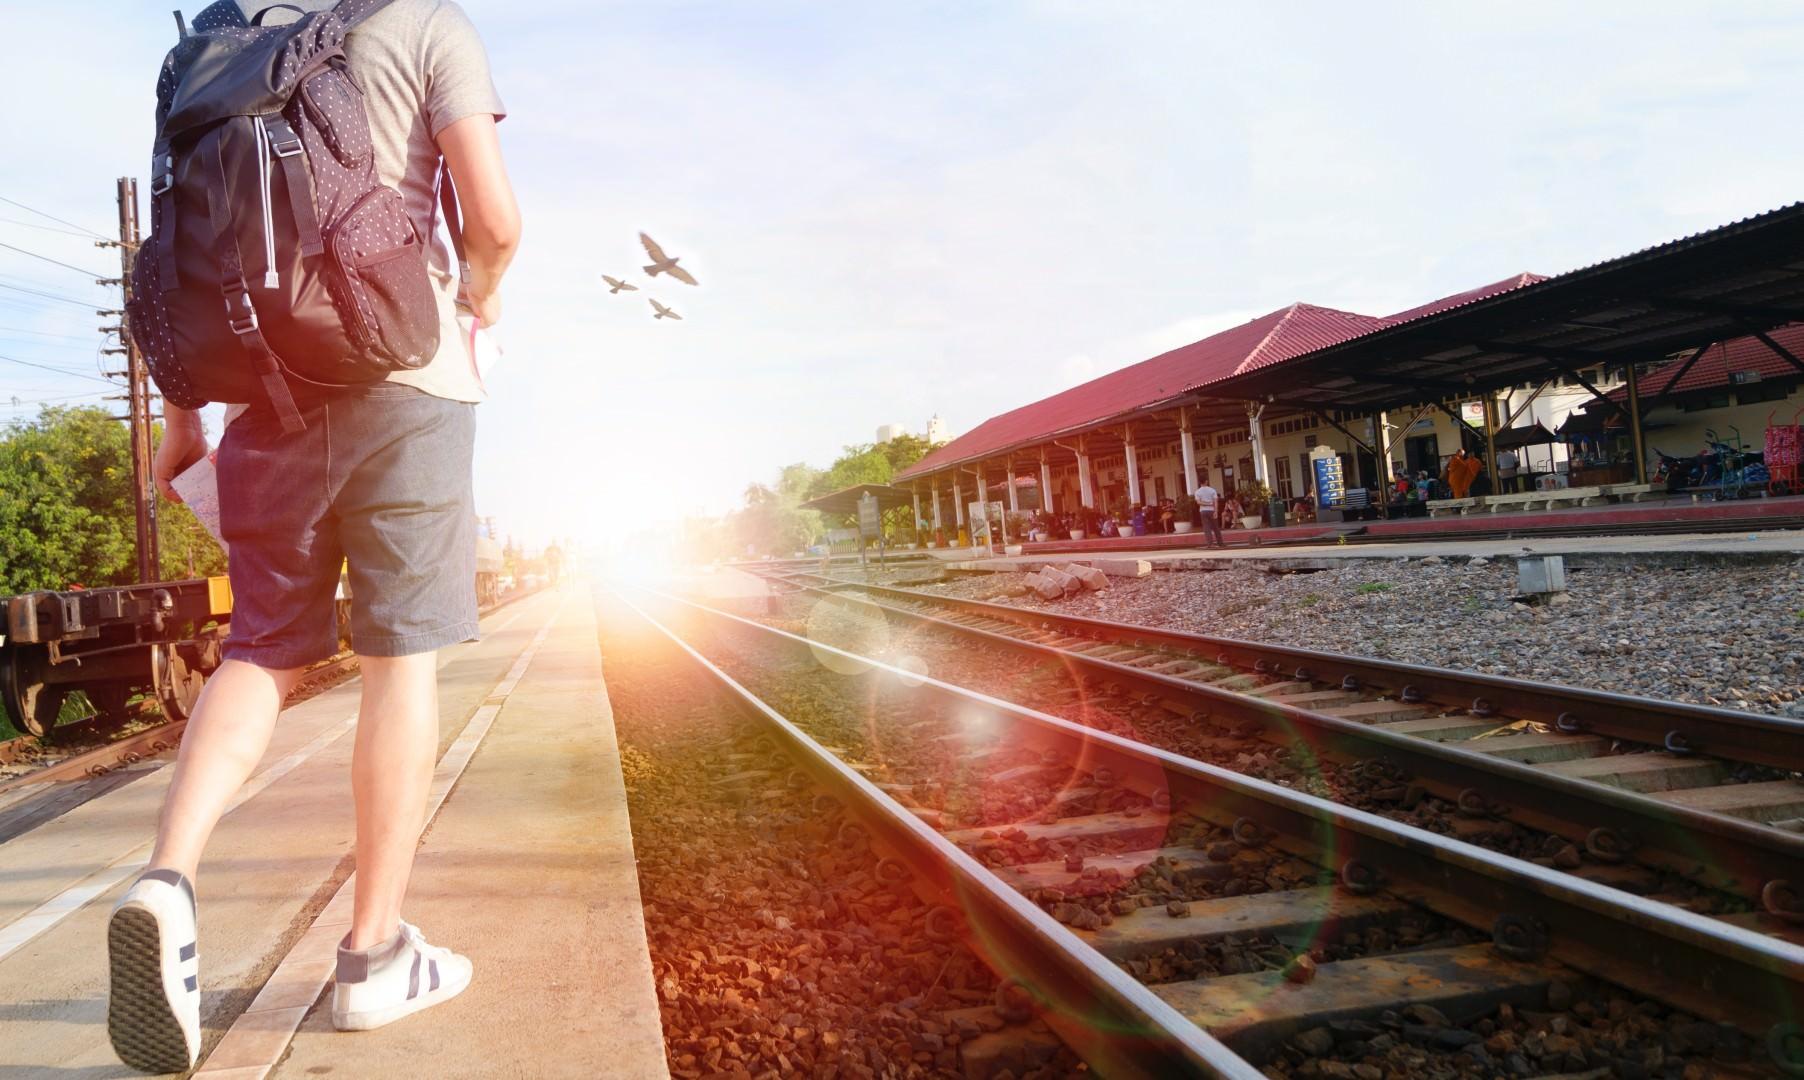 1664ca772bac1 Torby podróżne czy plecak podróżny - jaki wybór będzie najlepszy? ⋆ Oshopping  Blog